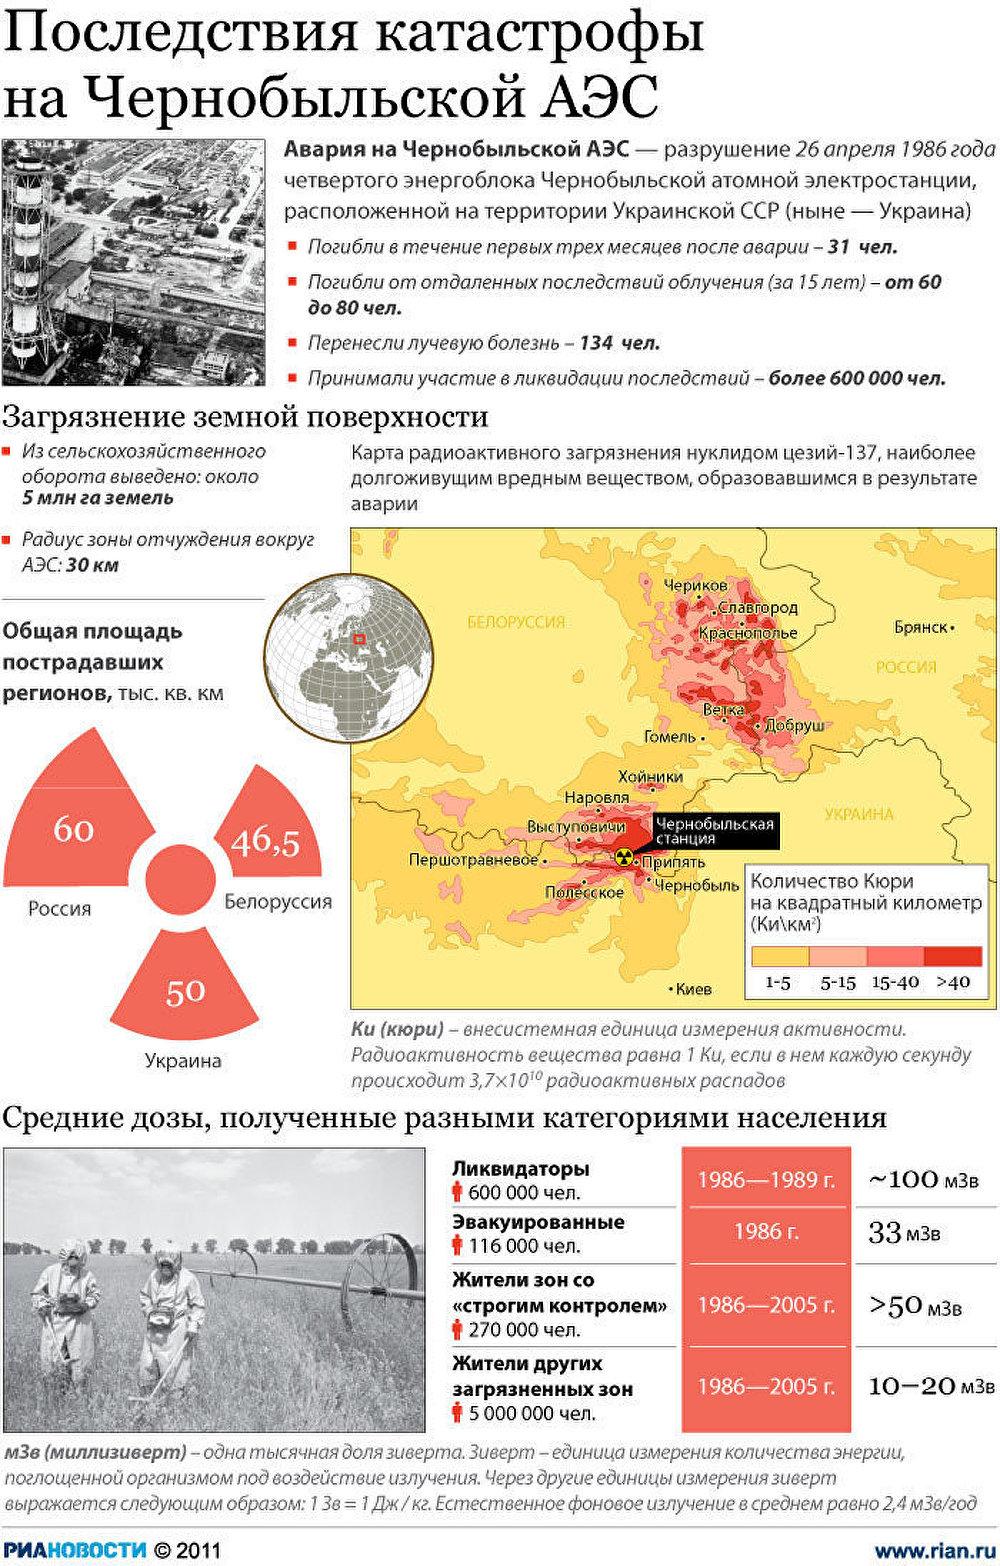 Последствия аварии на Чернобыльской АЭС РИА Новости  Последствия катастрофы на Чернобыльской АЭС